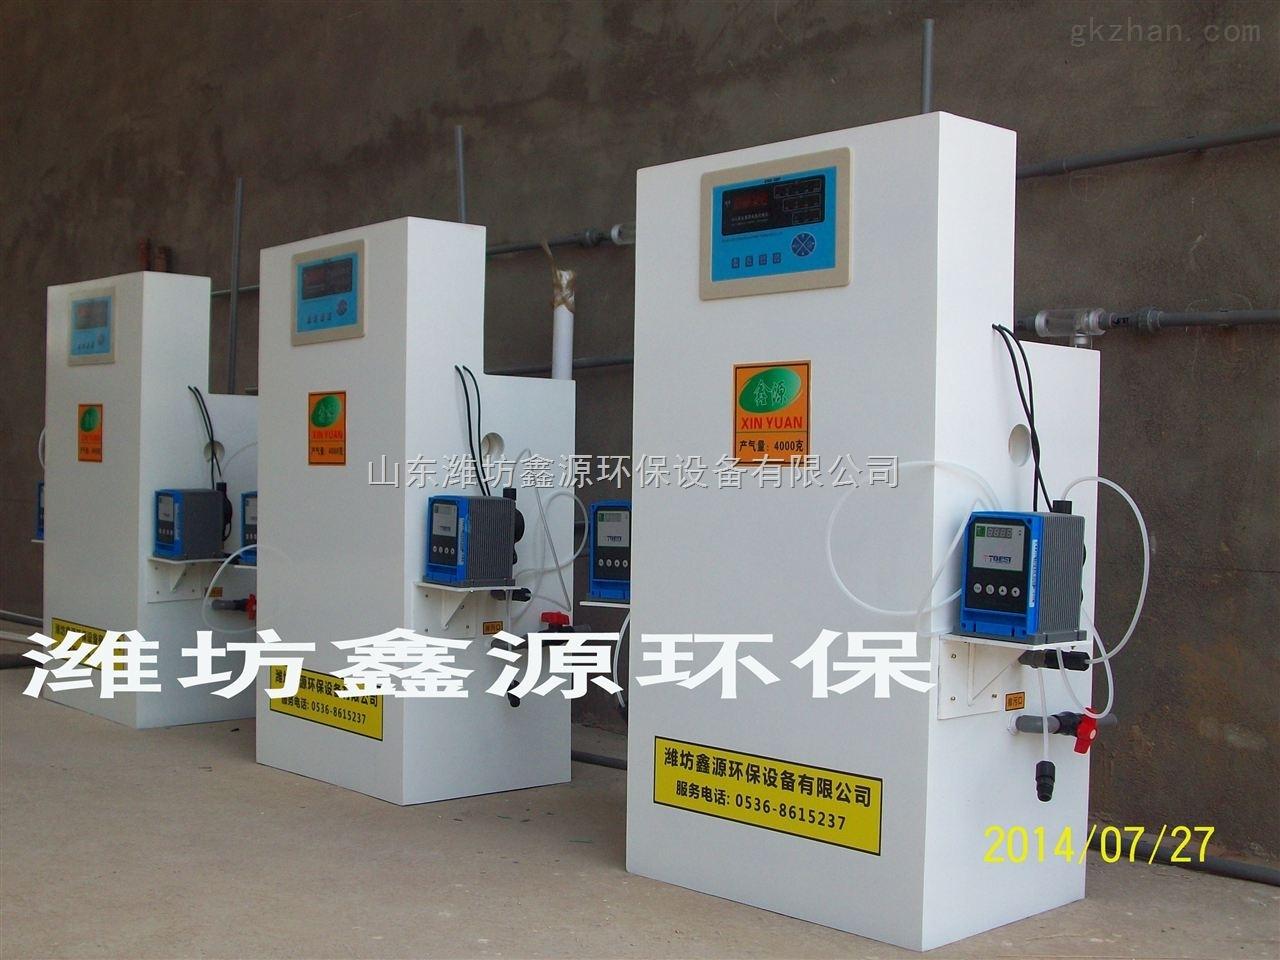 xy z 1000 供应河南洛阳市标准设备复合型二 高清图片